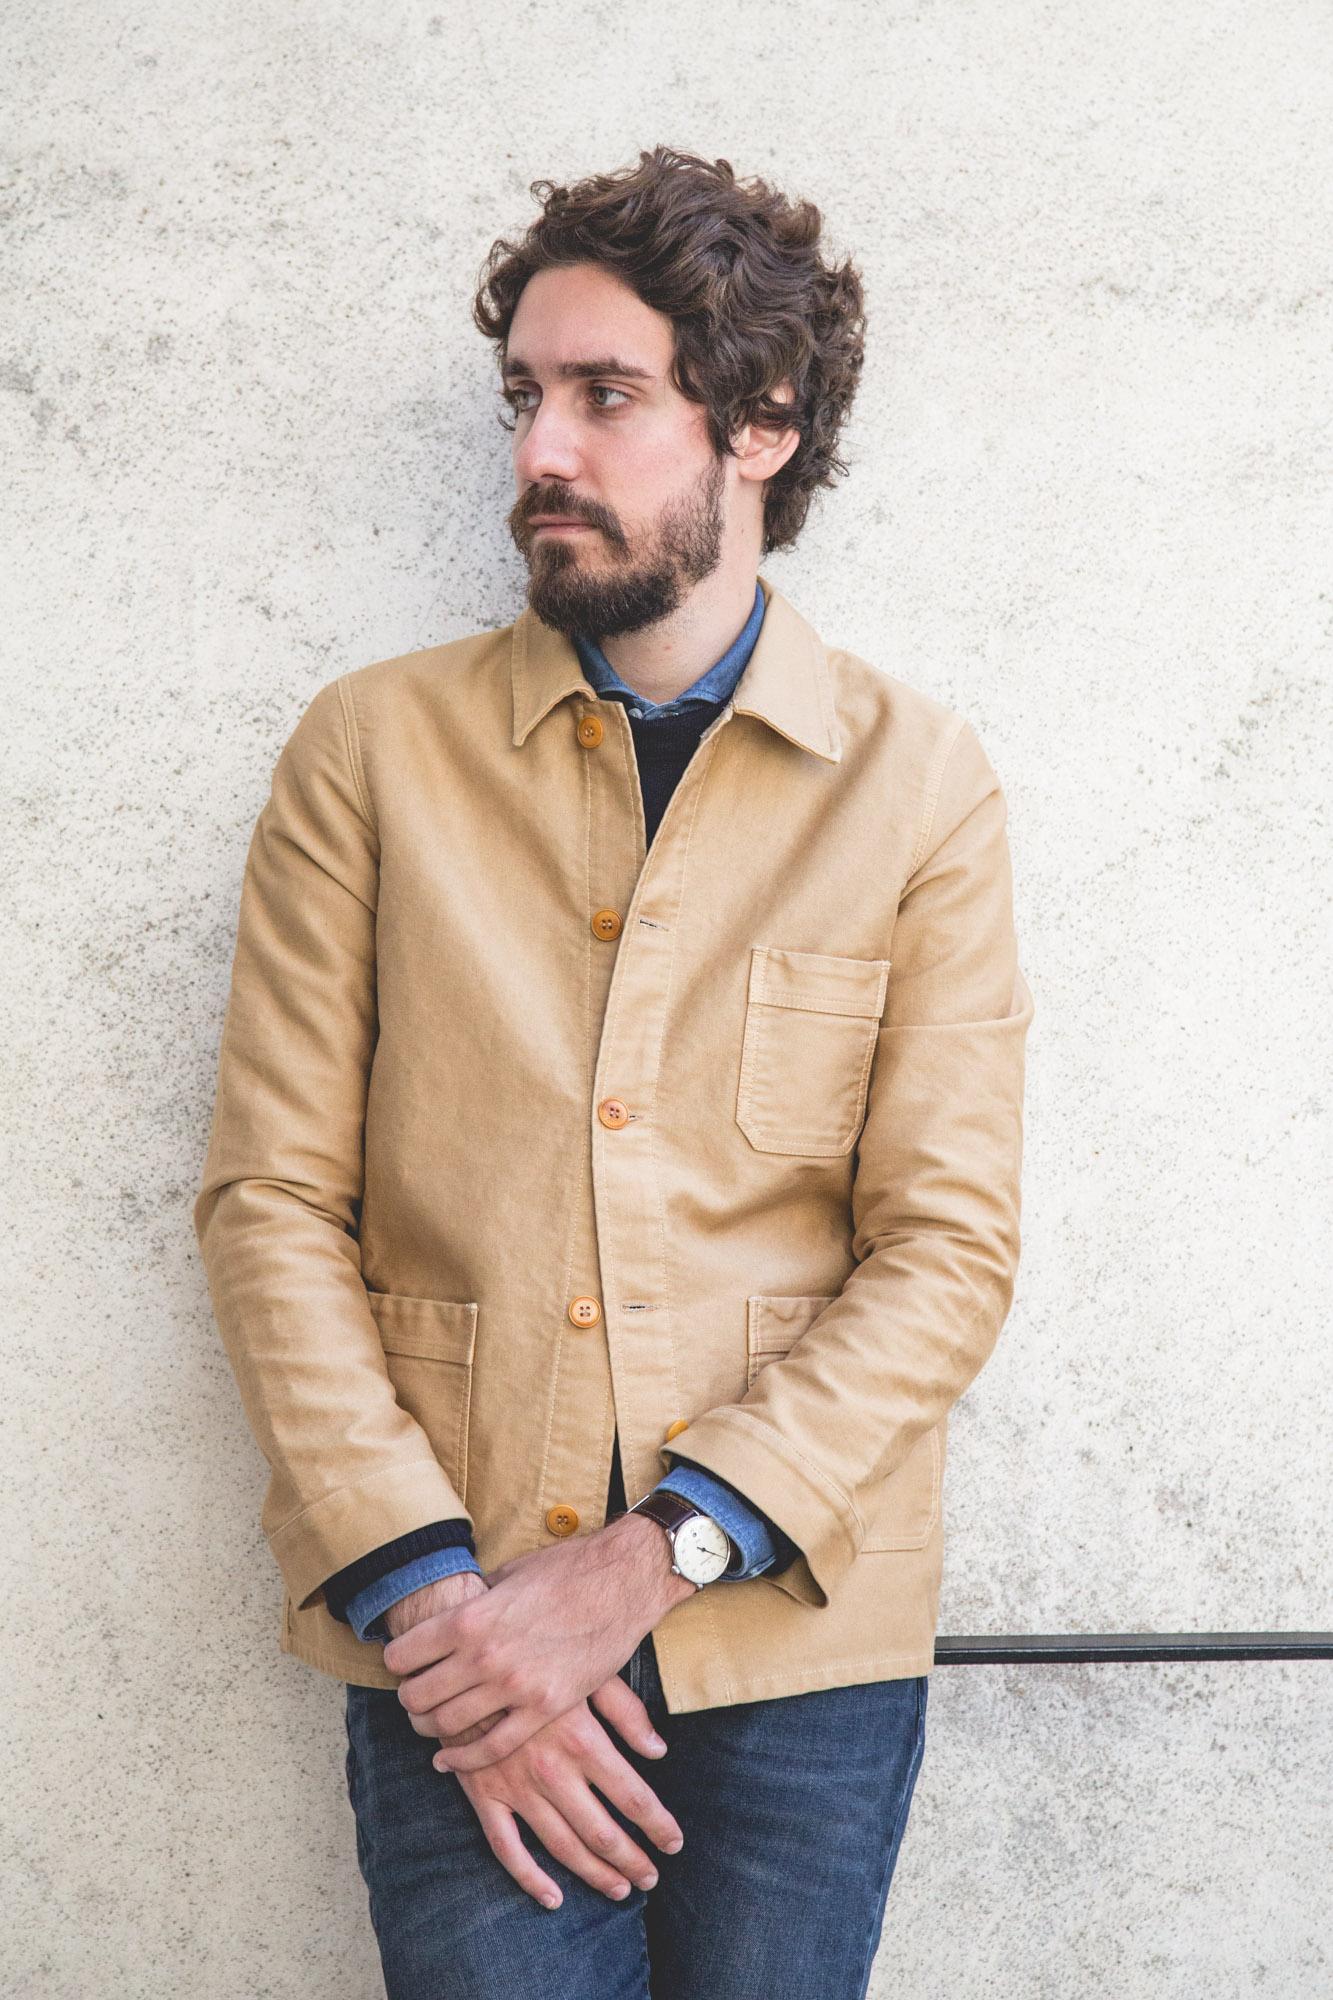 Véritable veste de travail en moleskine de coton Le Mont Saint-Michel - MeisterSinger Néo Plus